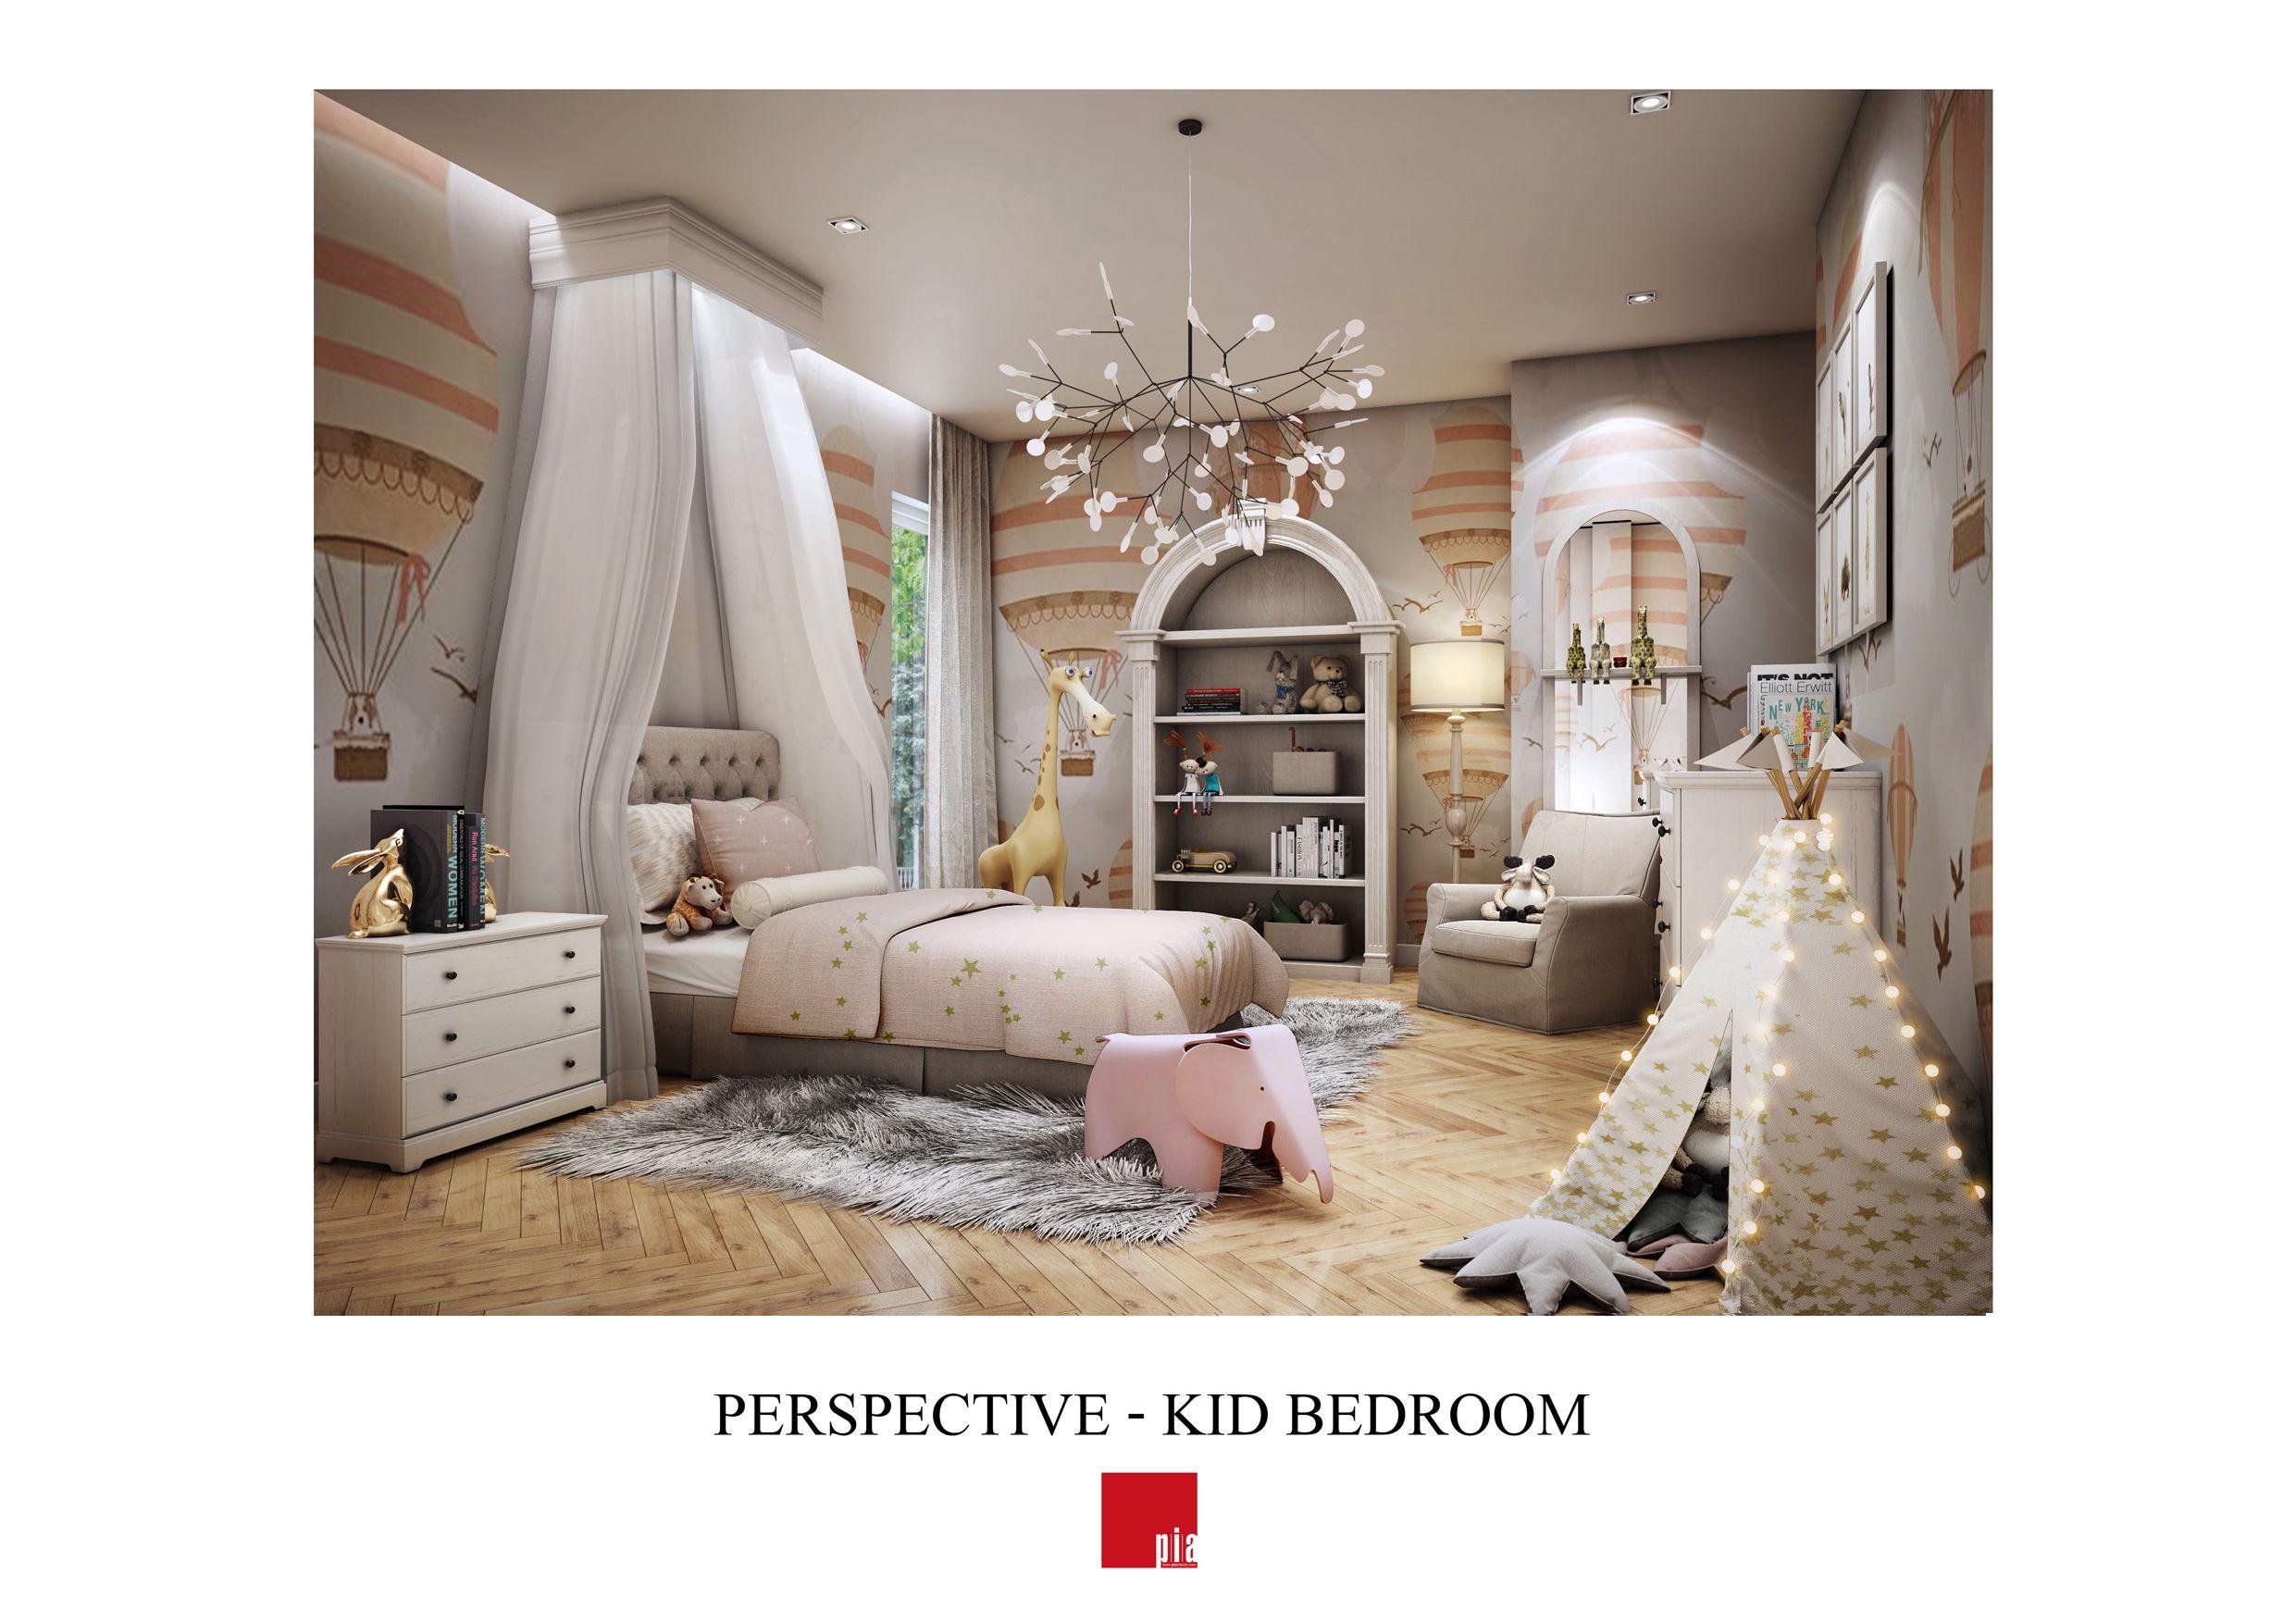 perspective-kid-bedroom